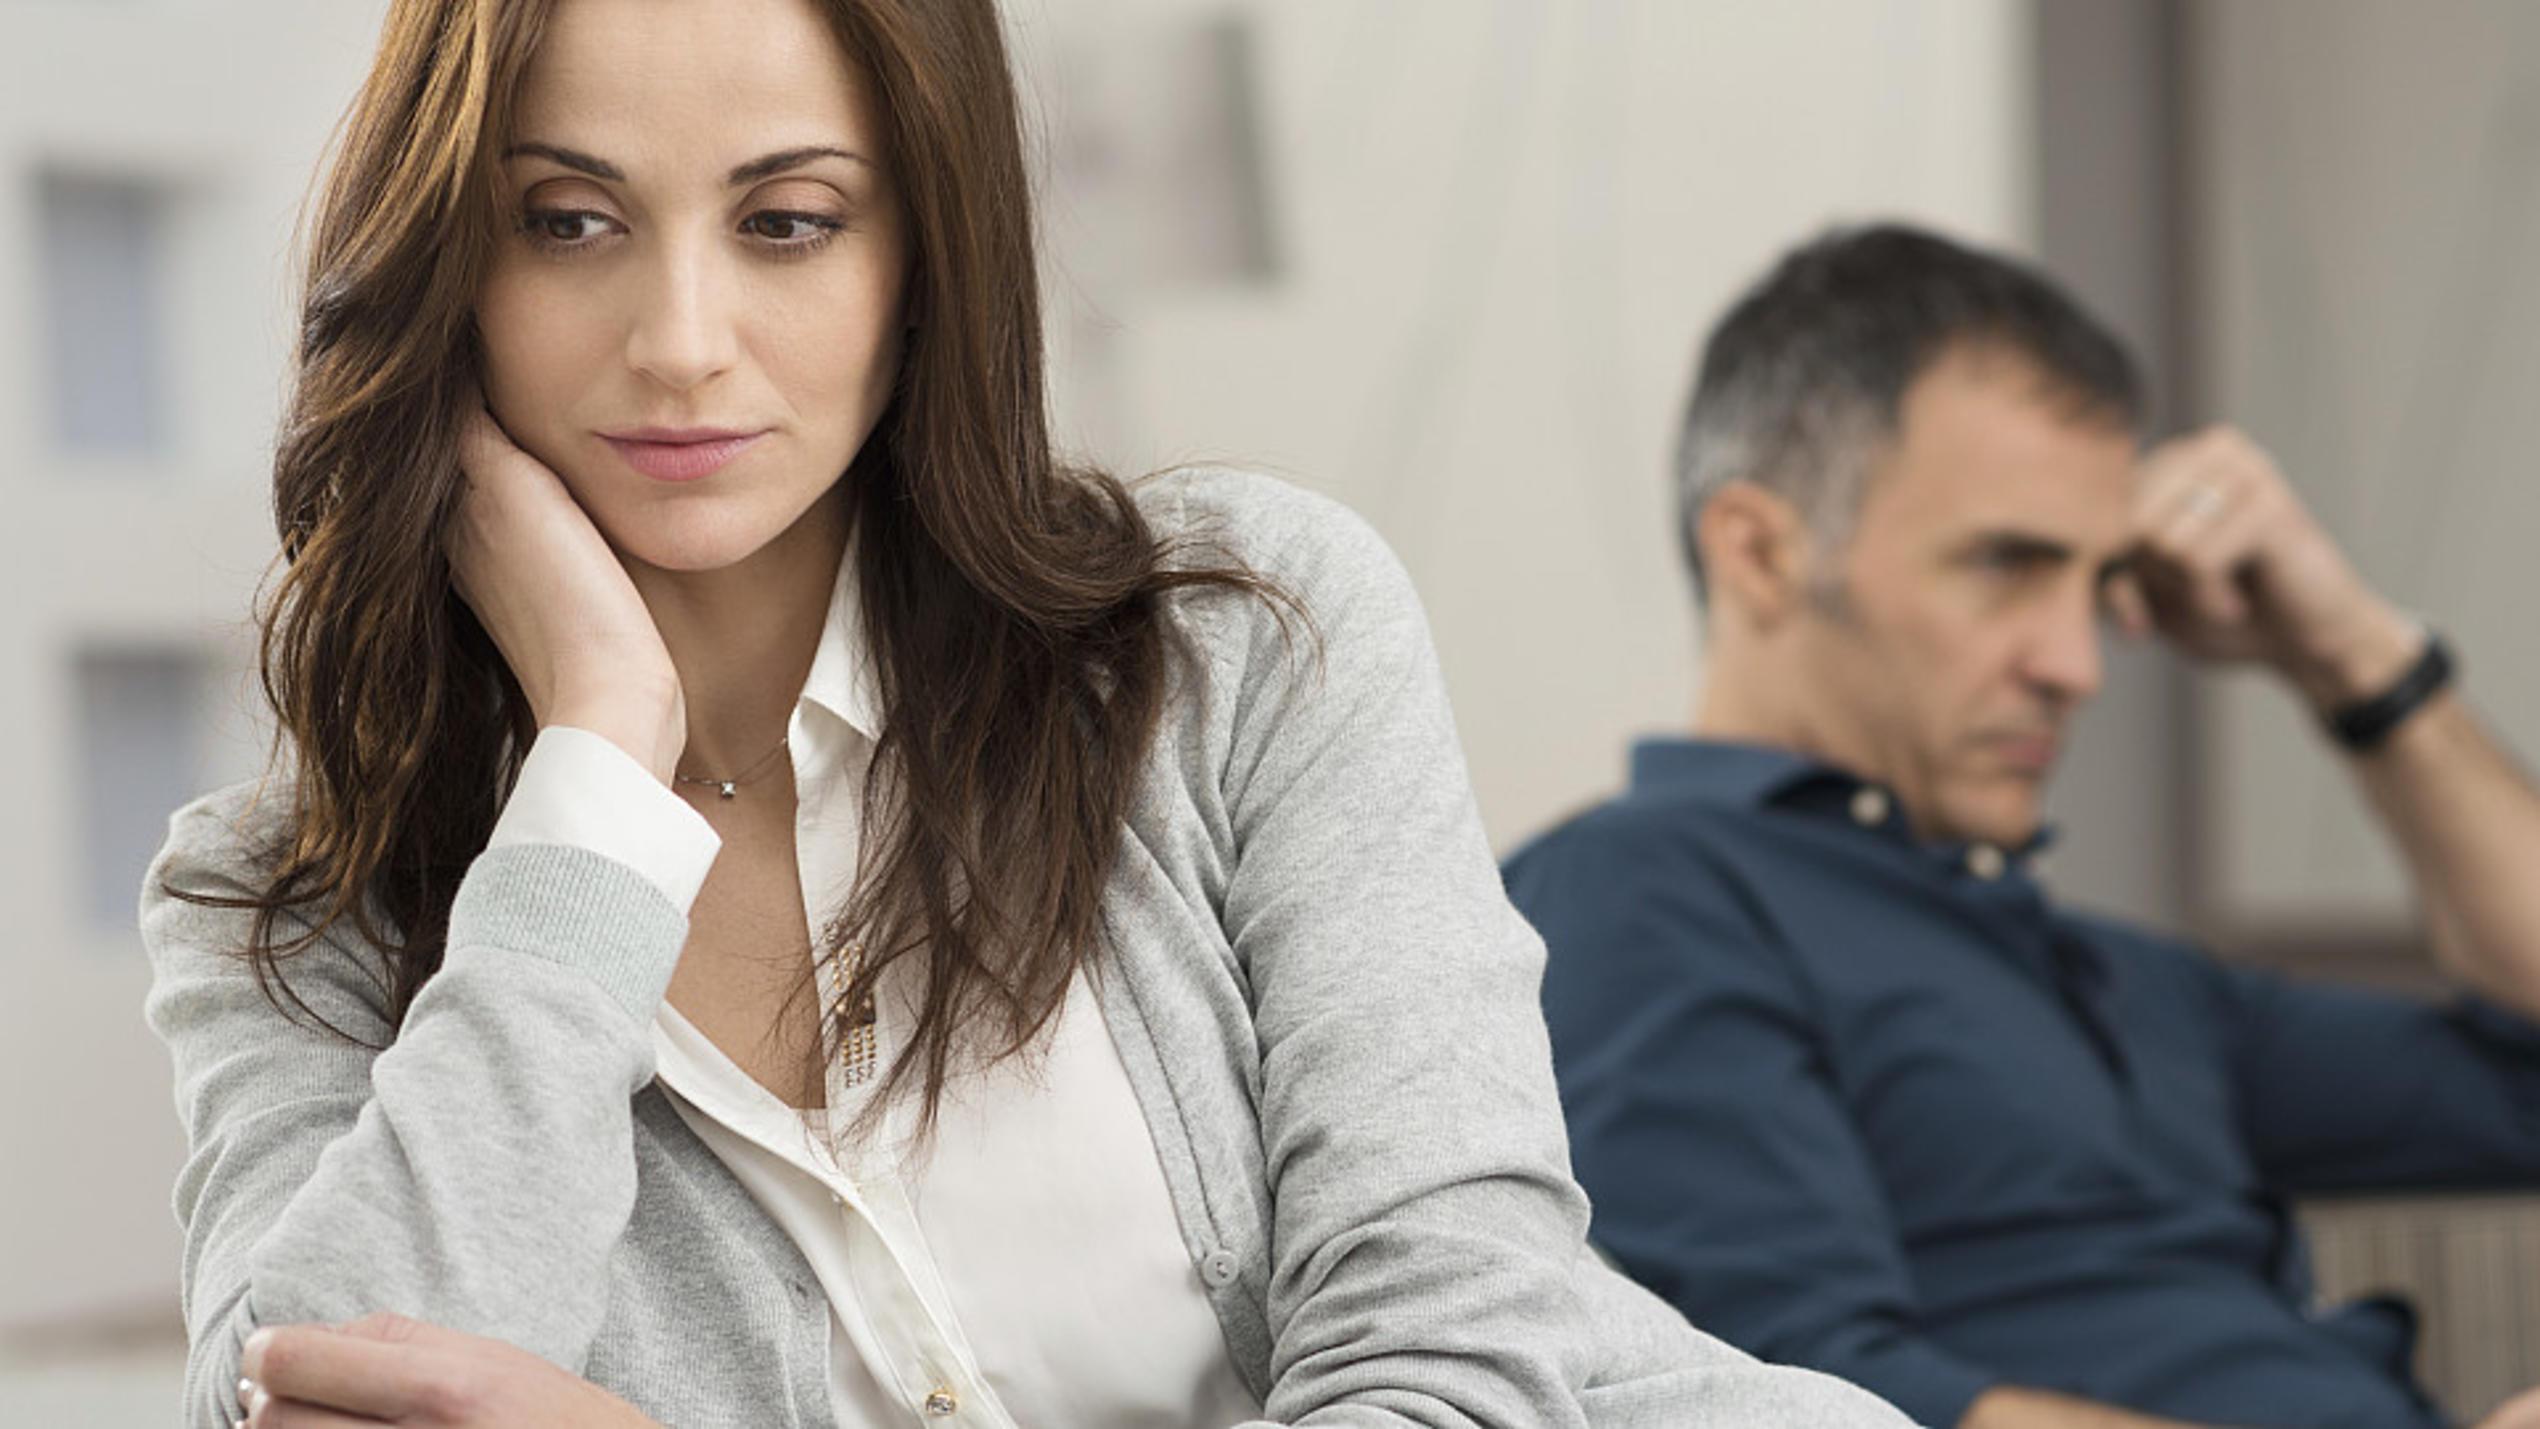 Scheidung nach 1 Jahr: Warum scheitern so viele Ehen kurz